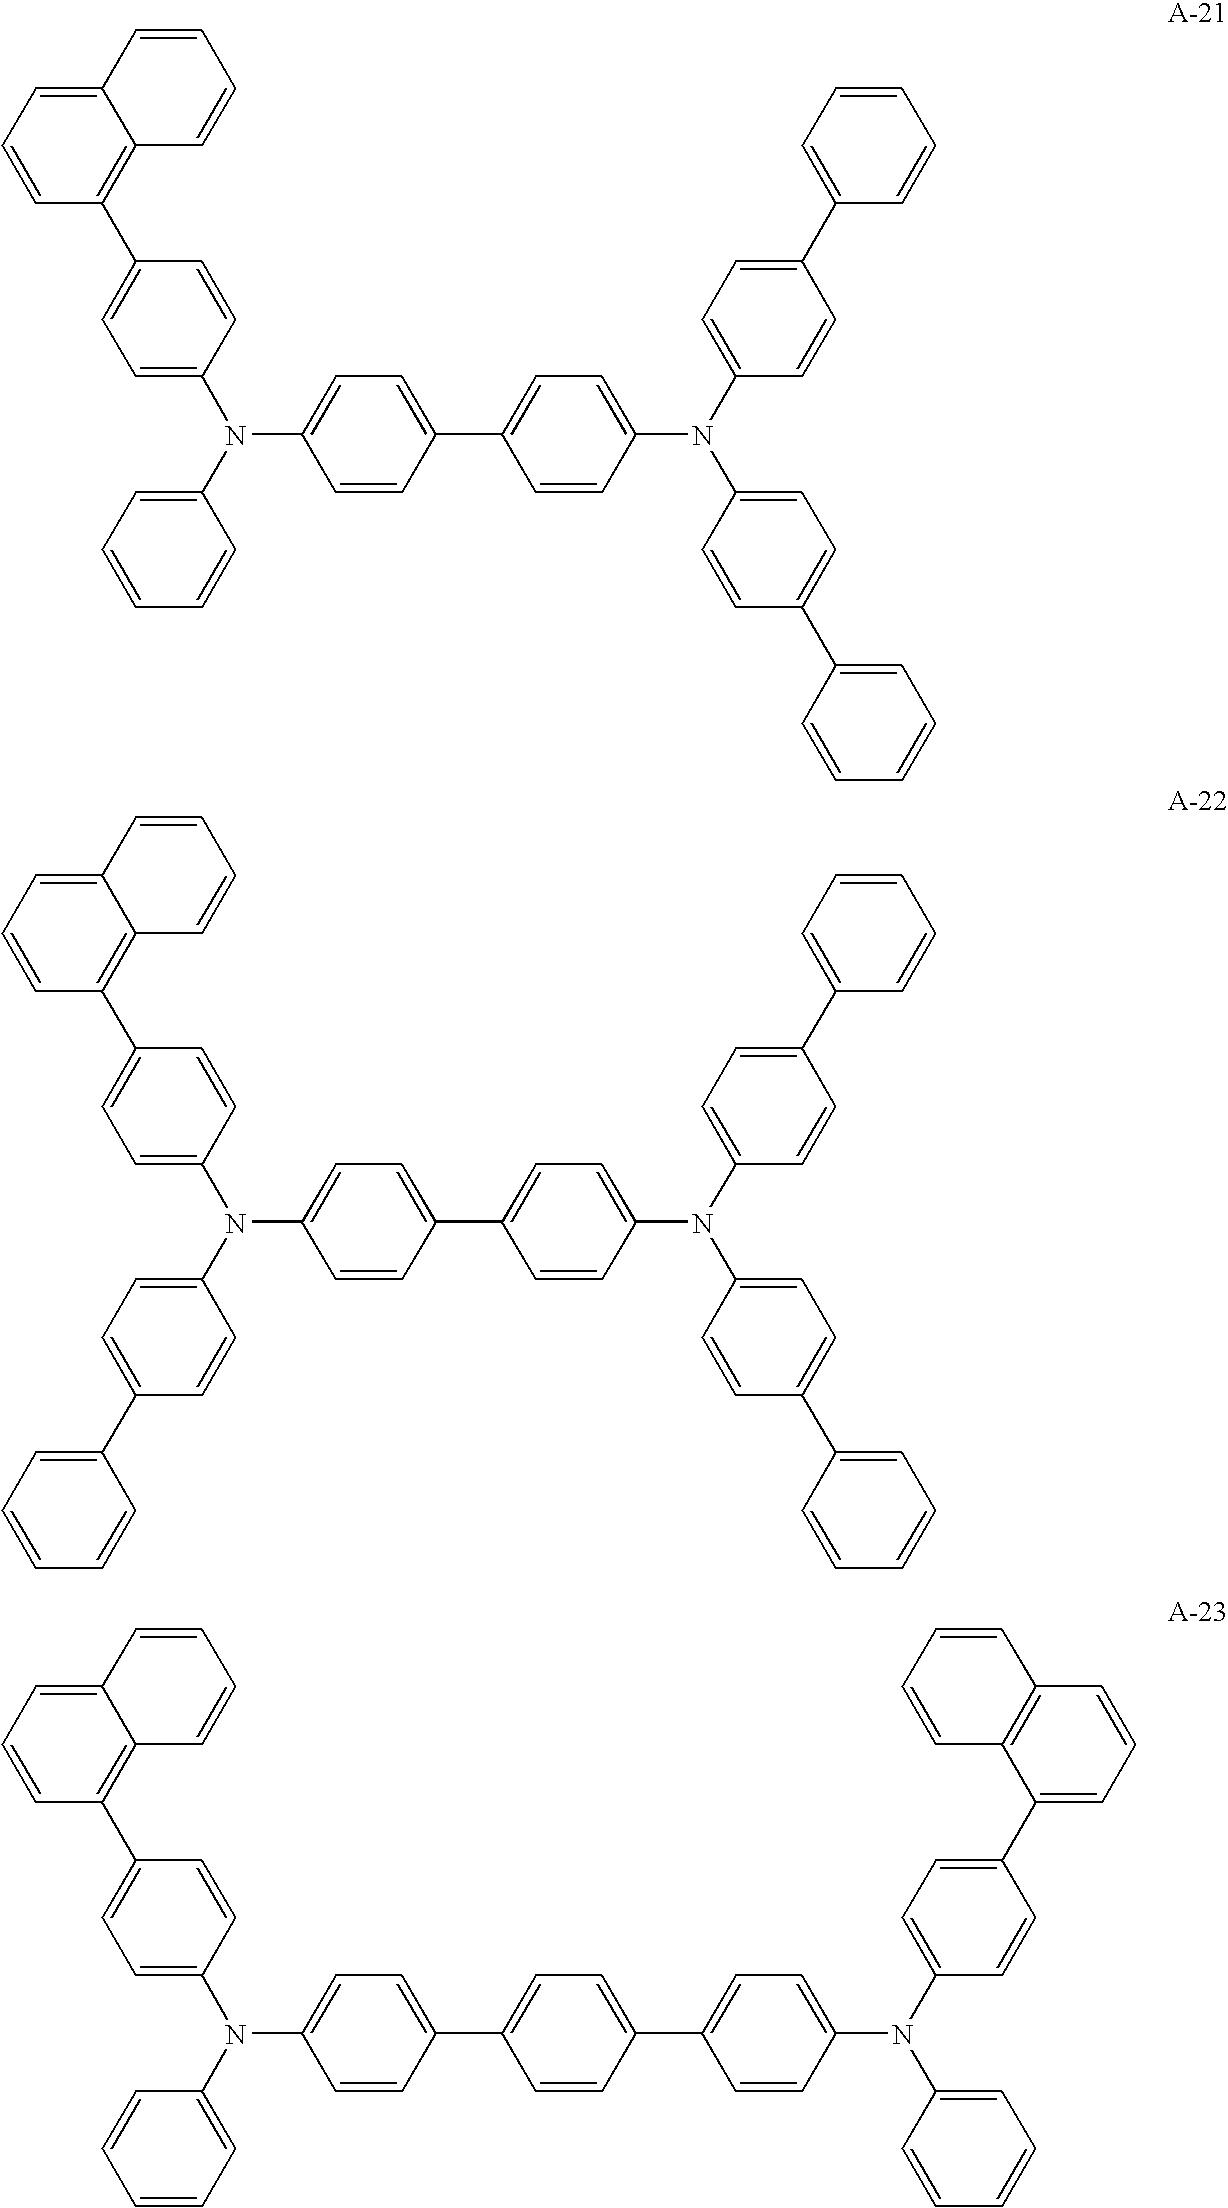 Figure US20080049413A1-20080228-C00014